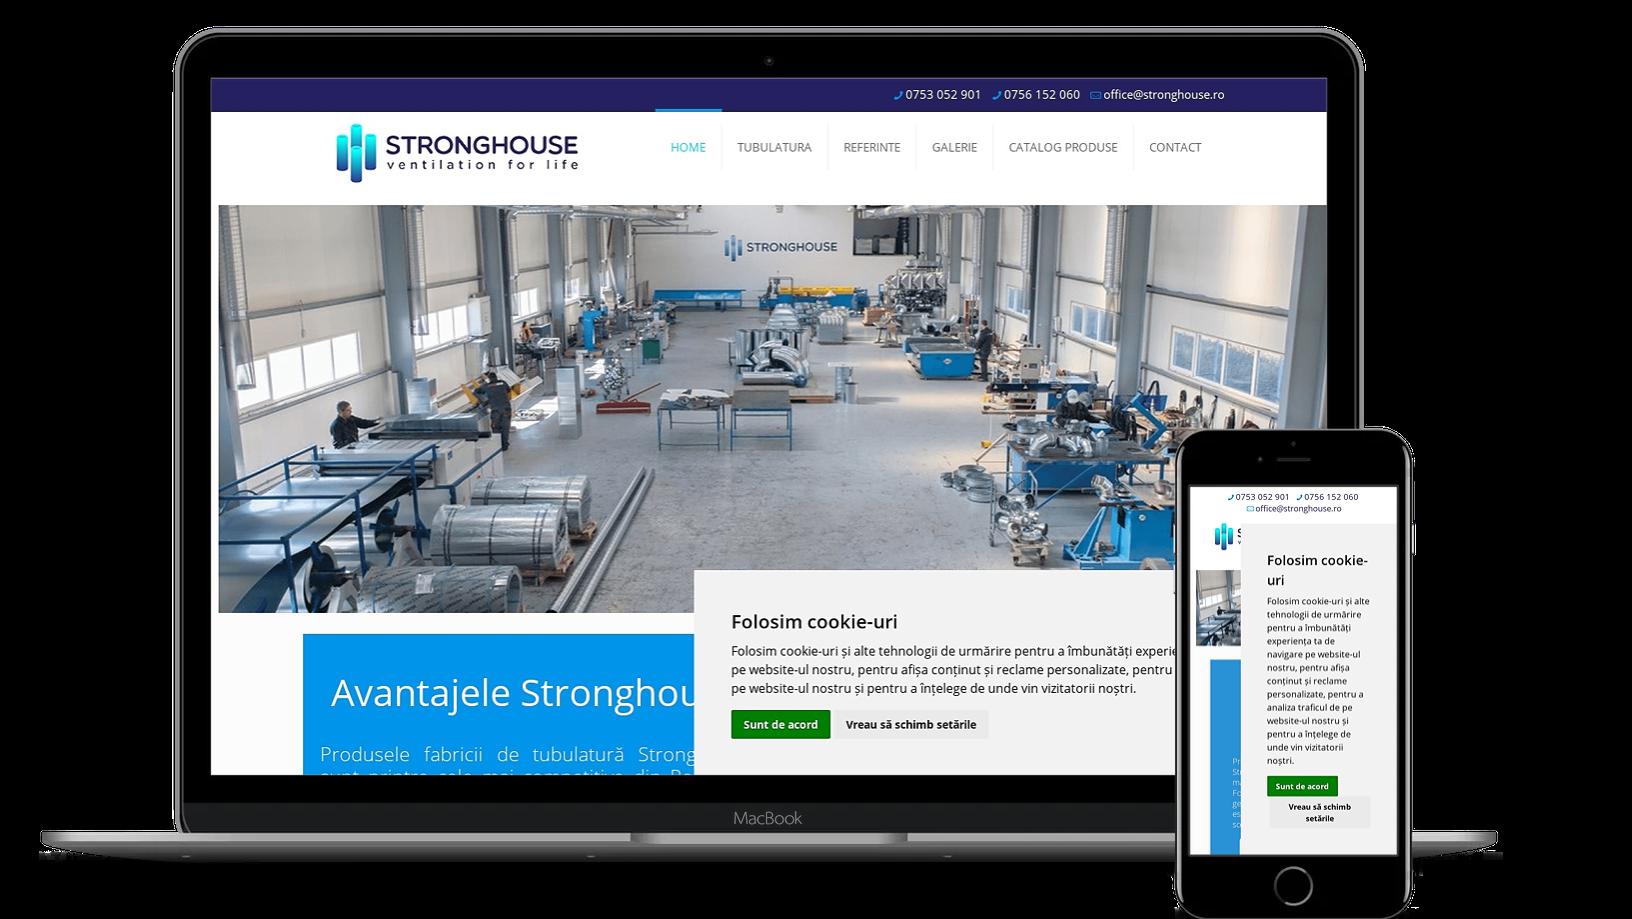 Website prezentare fabrica tubulatura